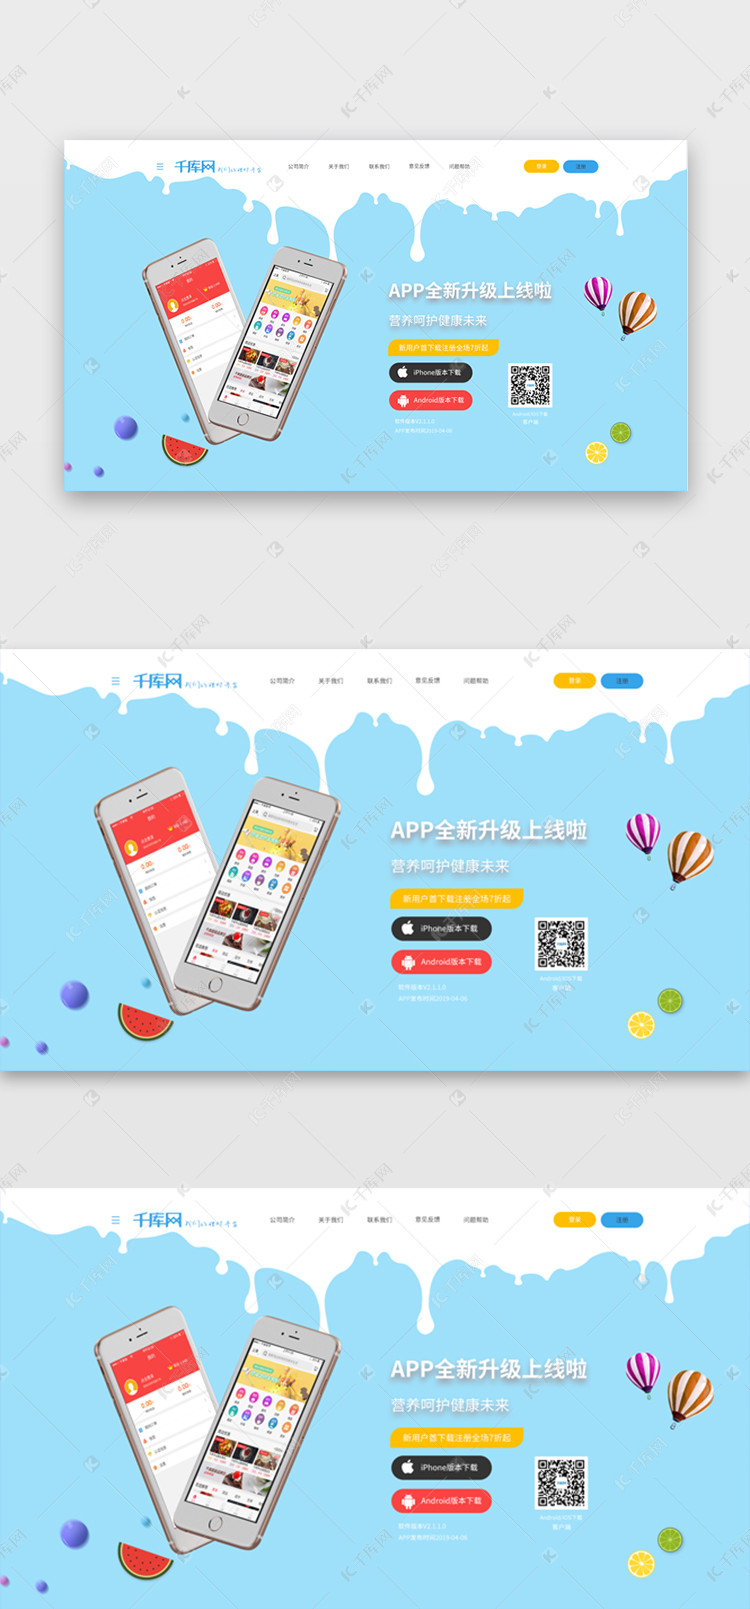 网站系蓝色软件下载页面UI设计显卡推荐3d设计图片